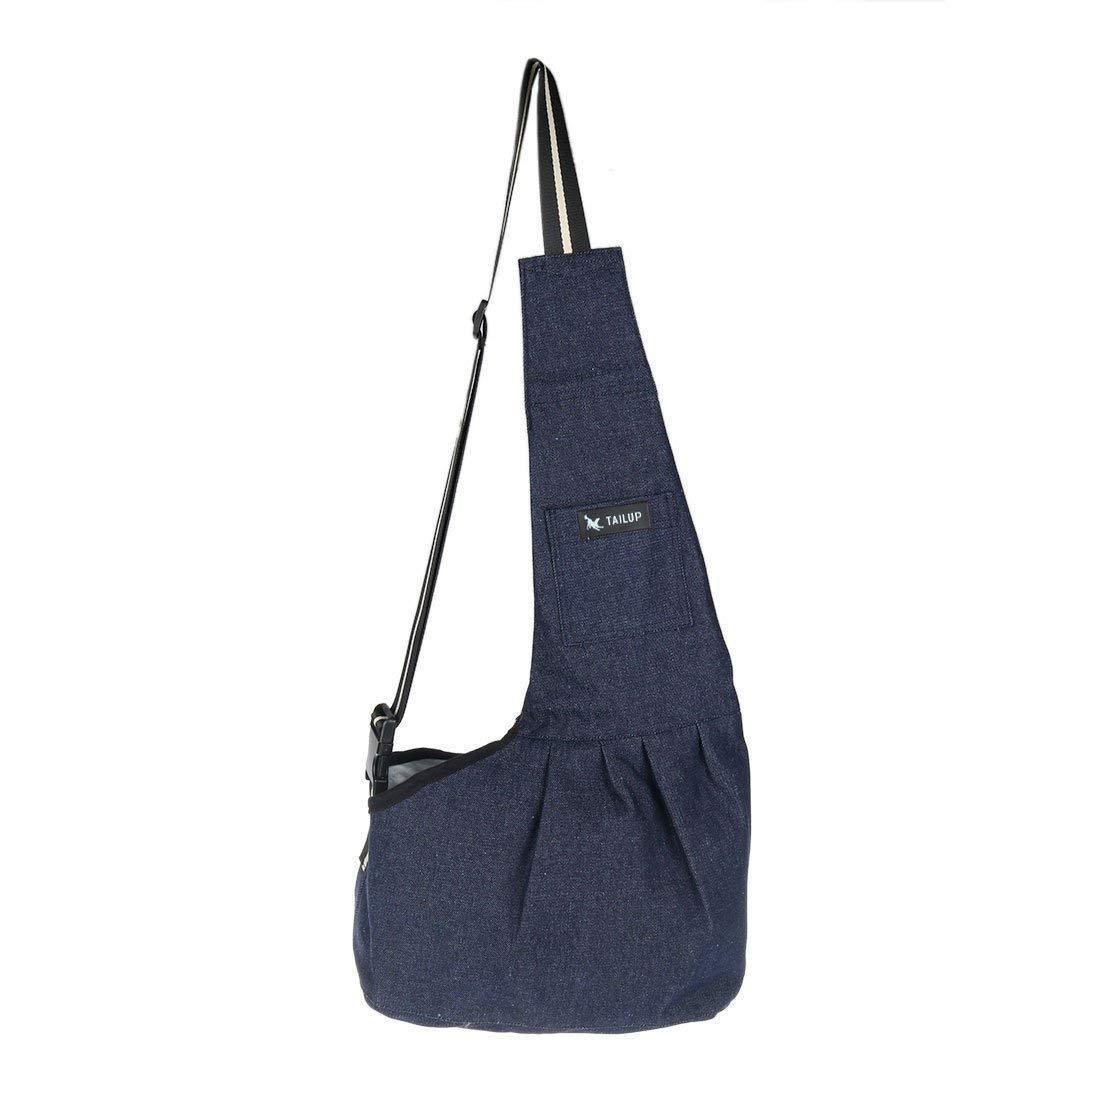 1Pc bluee Foldable Sponge Pet Puppy Travel Carrier Purse Cat Dog Shoulder Bag